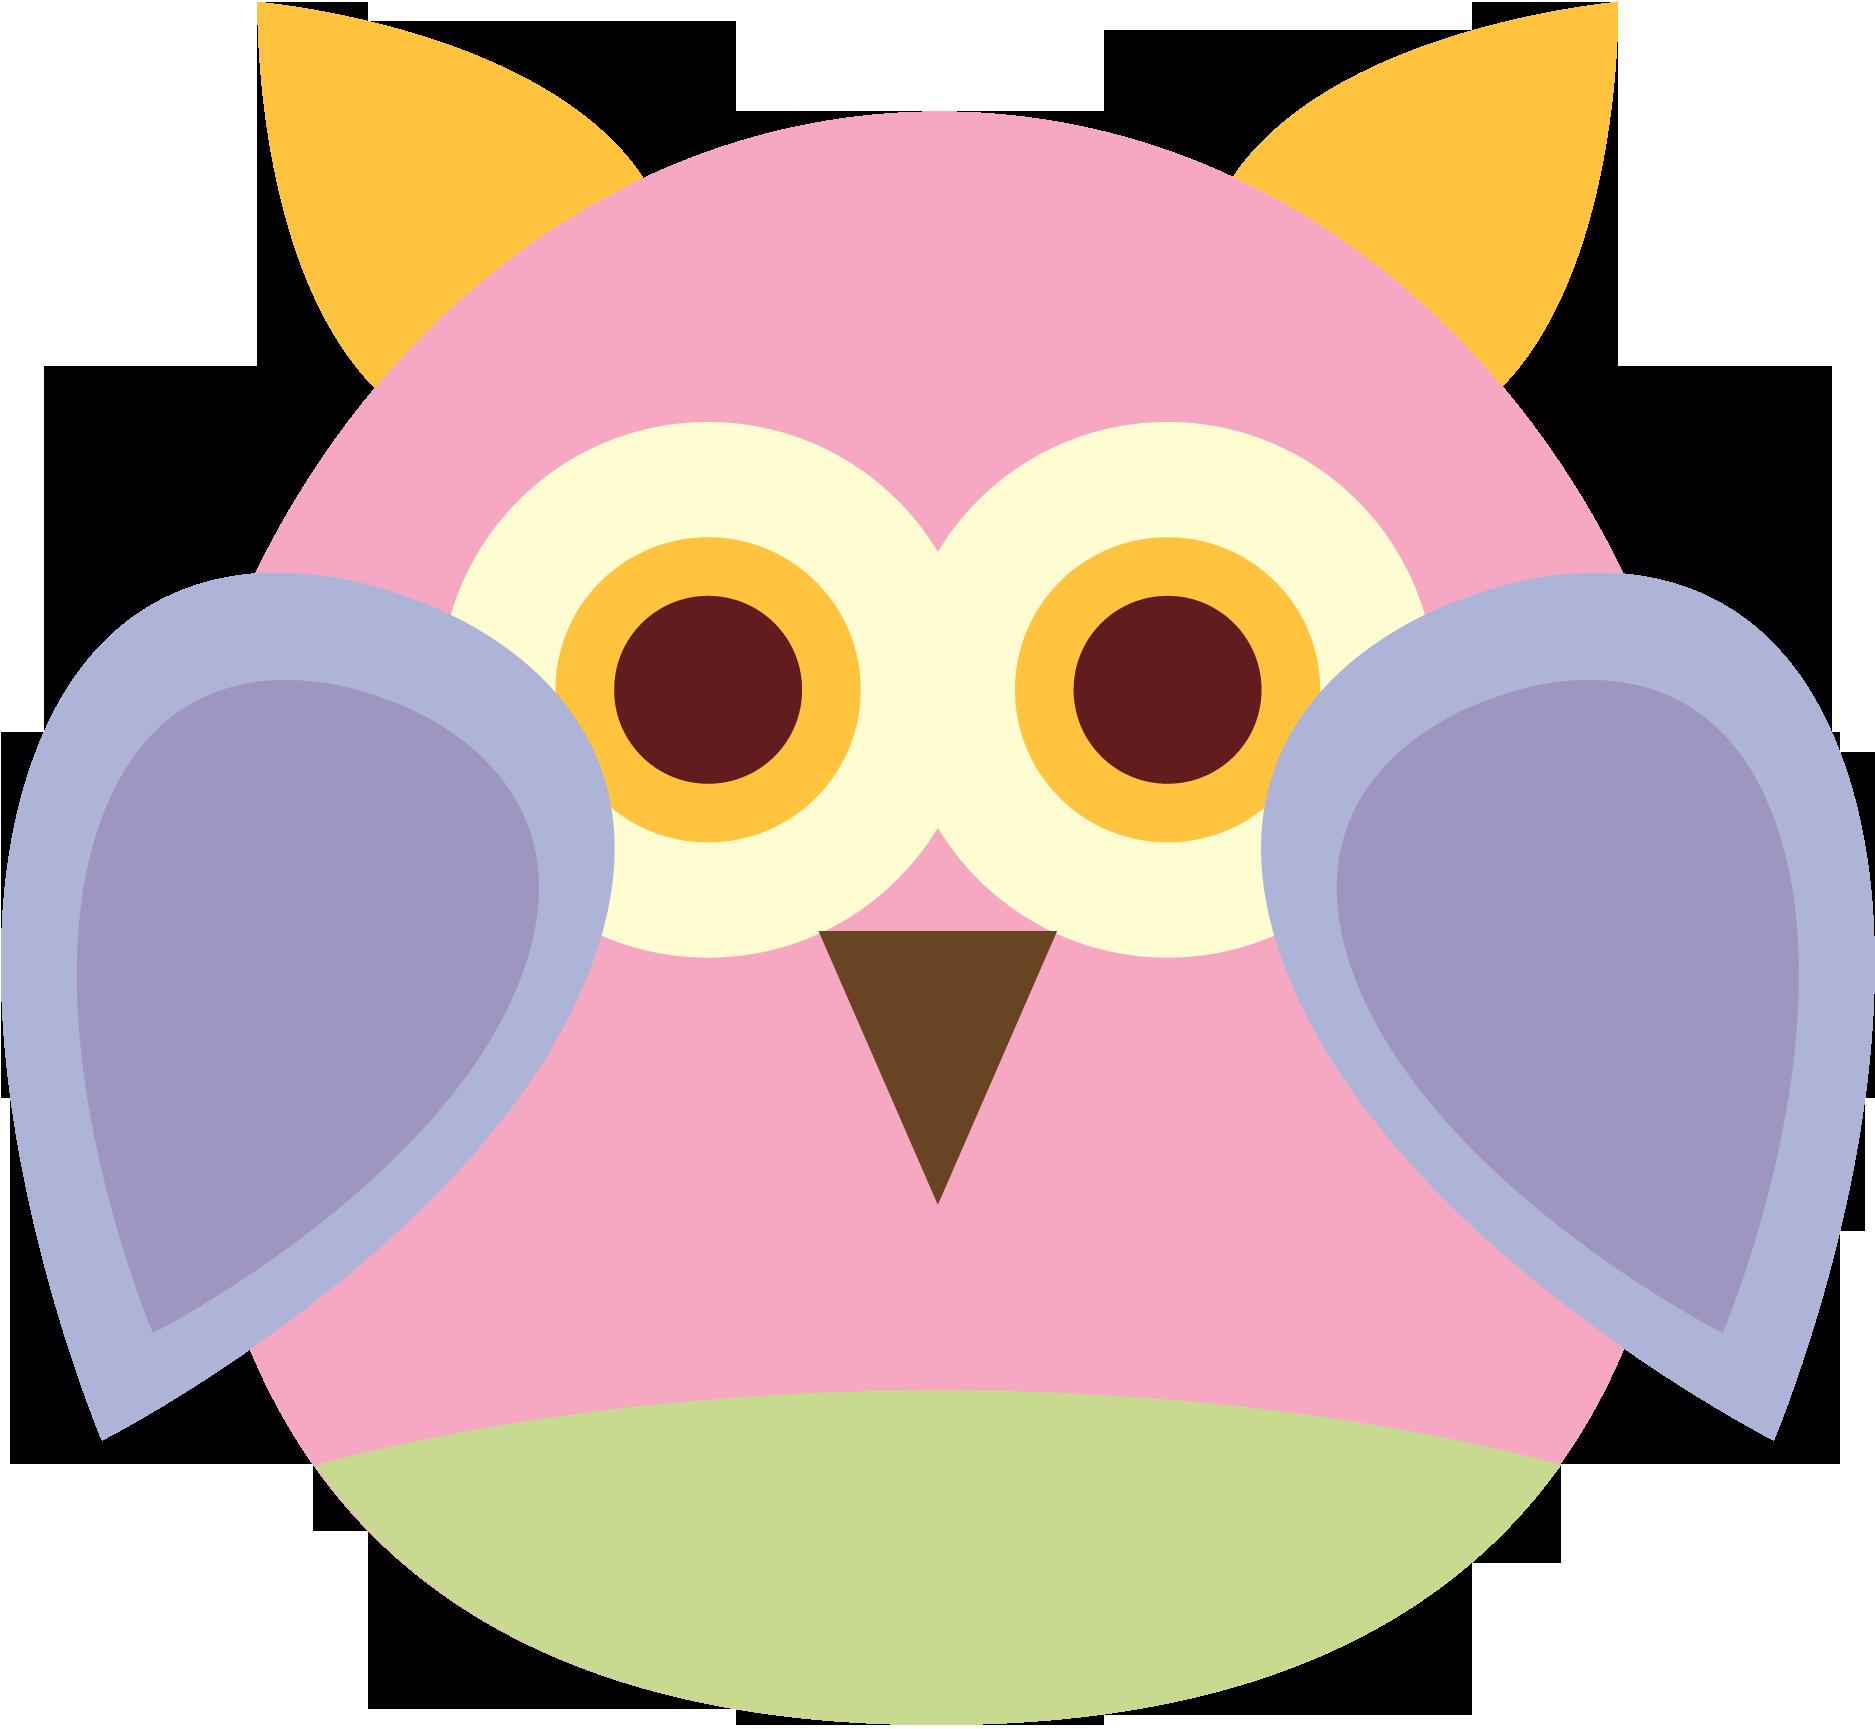 free owl clipart owl clip art and snowman rh pinterest co uk free owl clip art images free owl clip art downloads